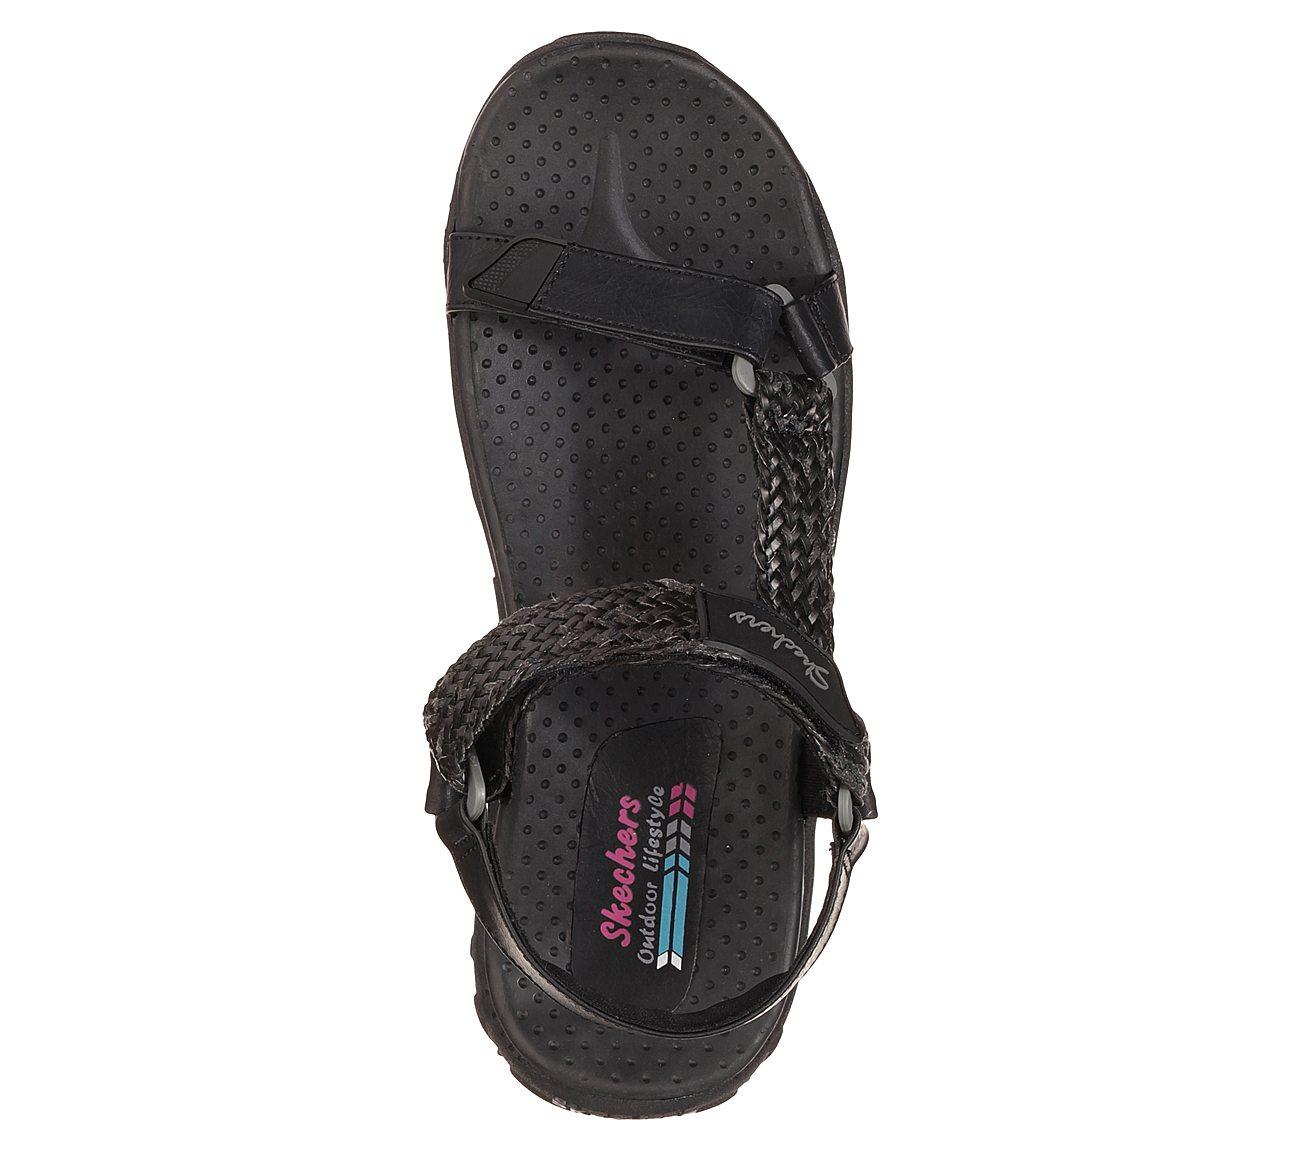 Skechers Womens Reggae Misty Morning Sandal 40792 Chaussures